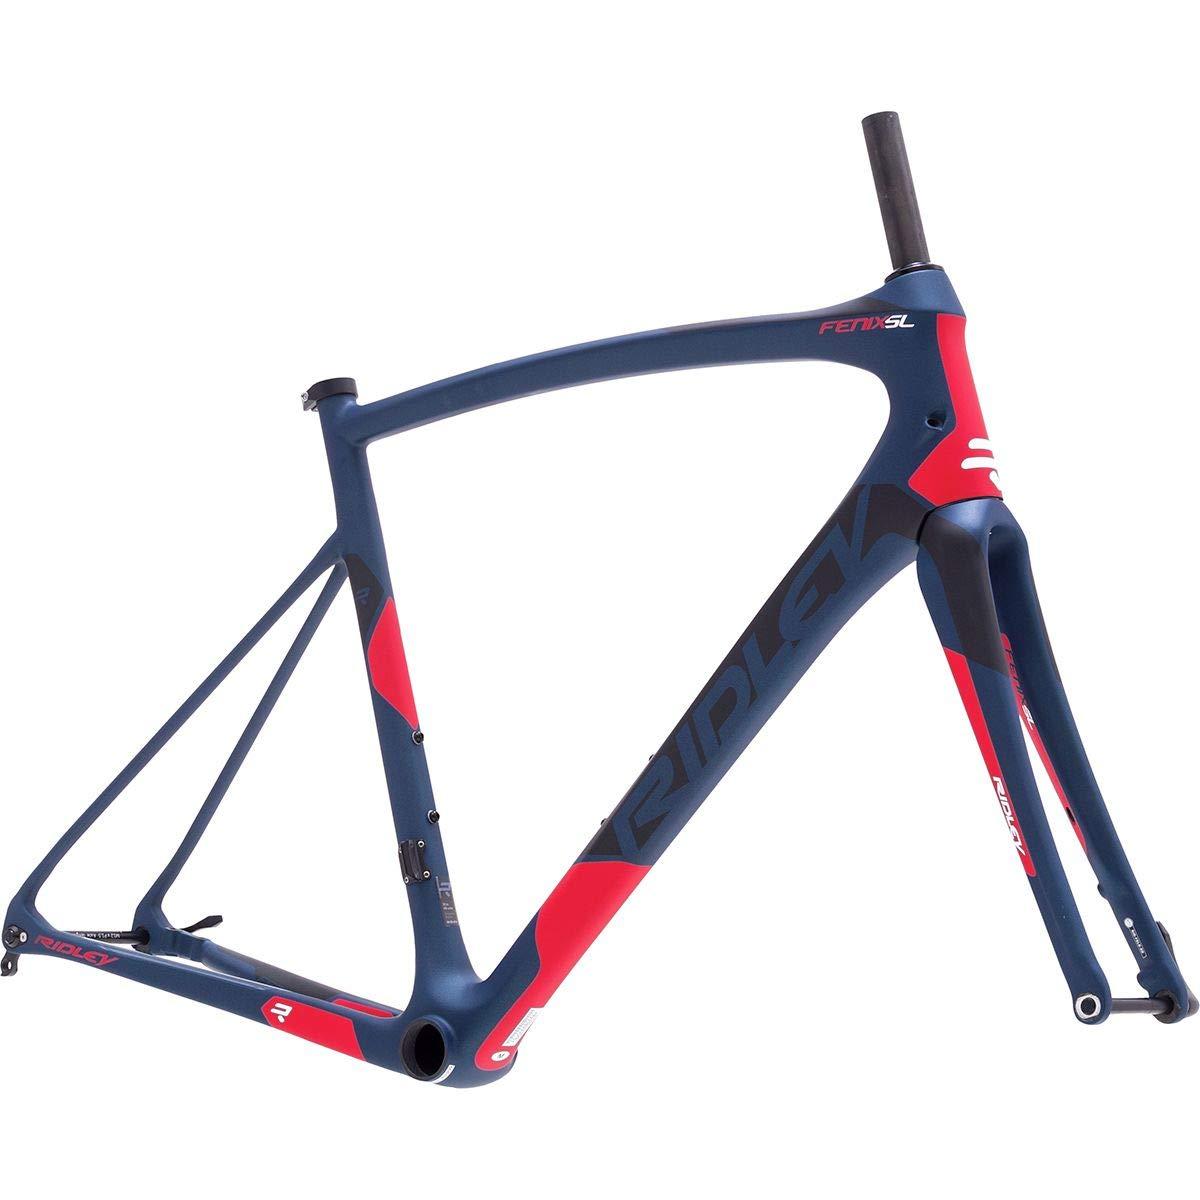 Ridley Fenix SL ディスクロードバイクフレーム ダークブルー/ブラック/レッド L B07GGW94Y3